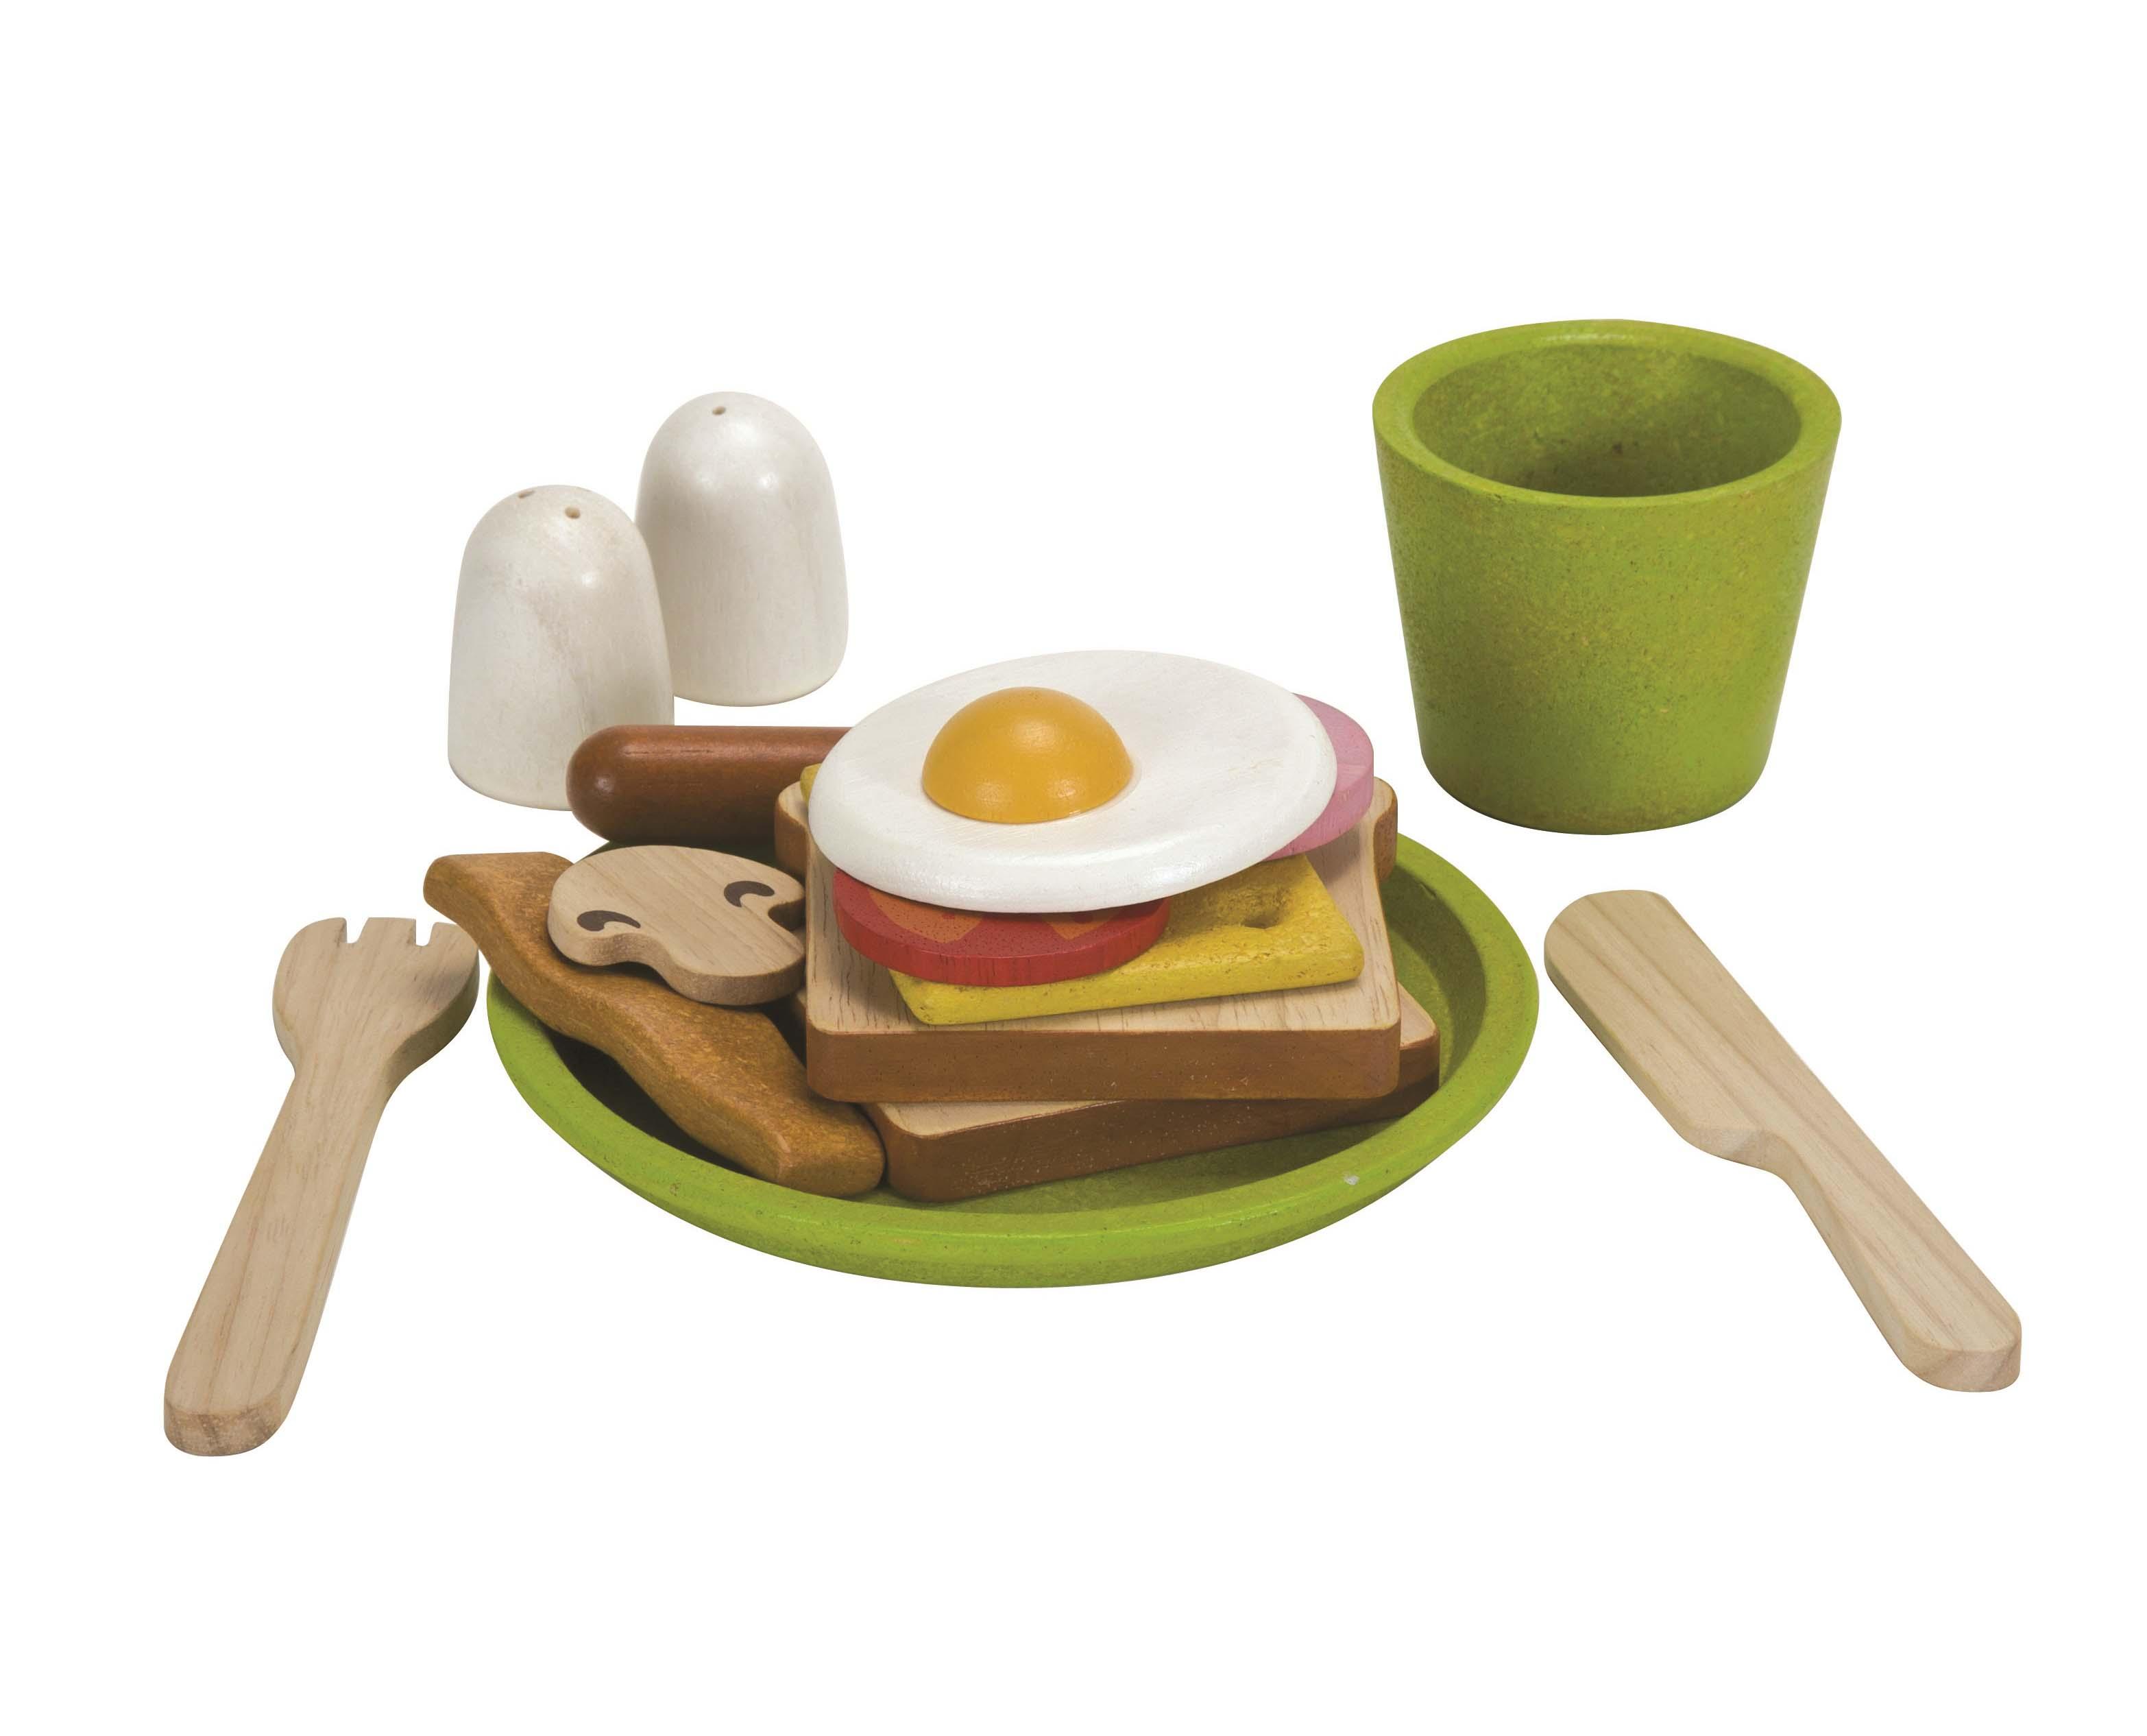 Купить Сюжетно-ролевая игра - Завтрак, Plan Toys